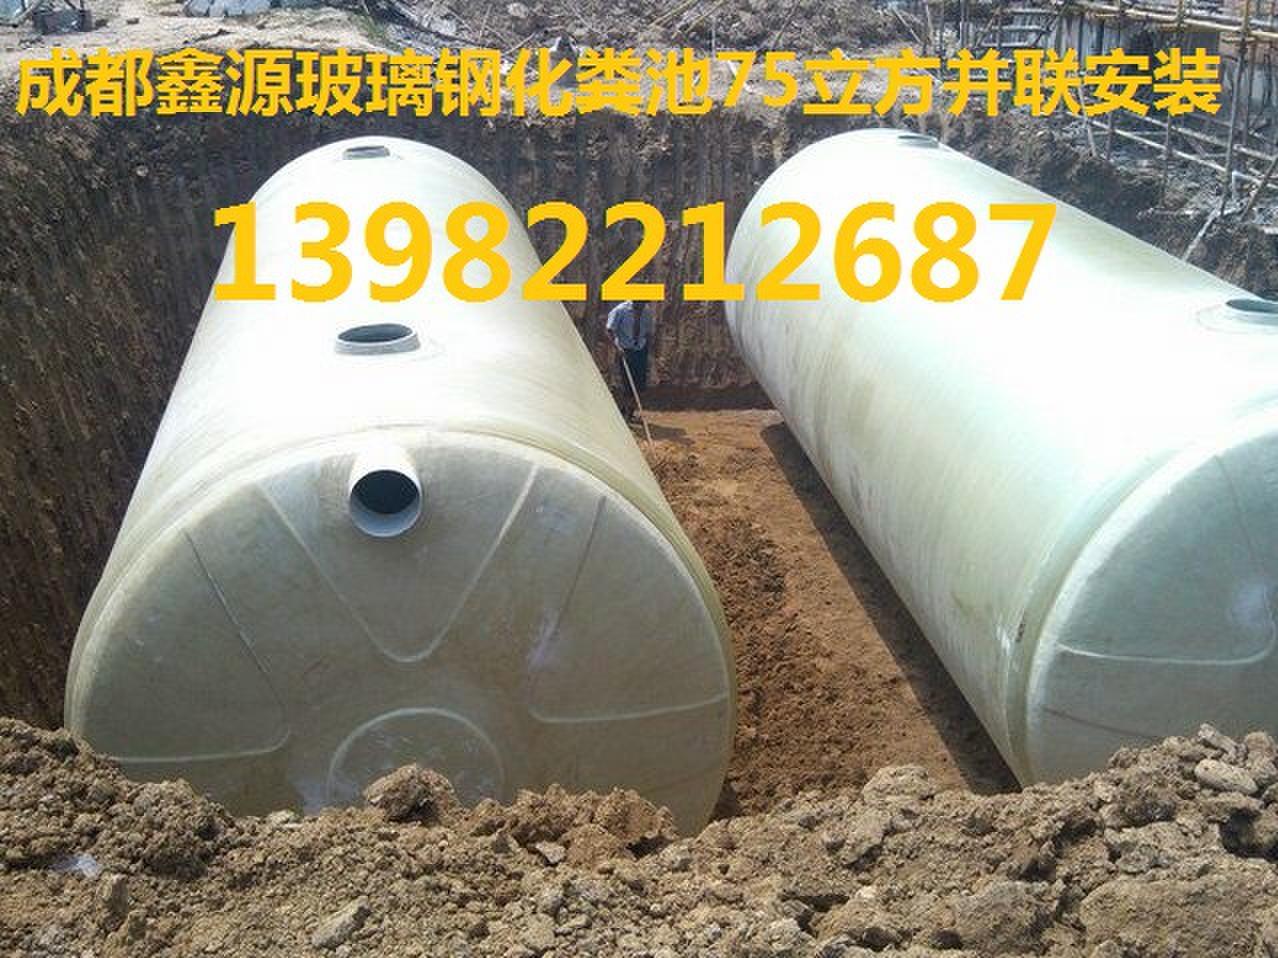 宜宾市玻璃钢化粪池13982212687四川新鑫源有限公司专业生产批发